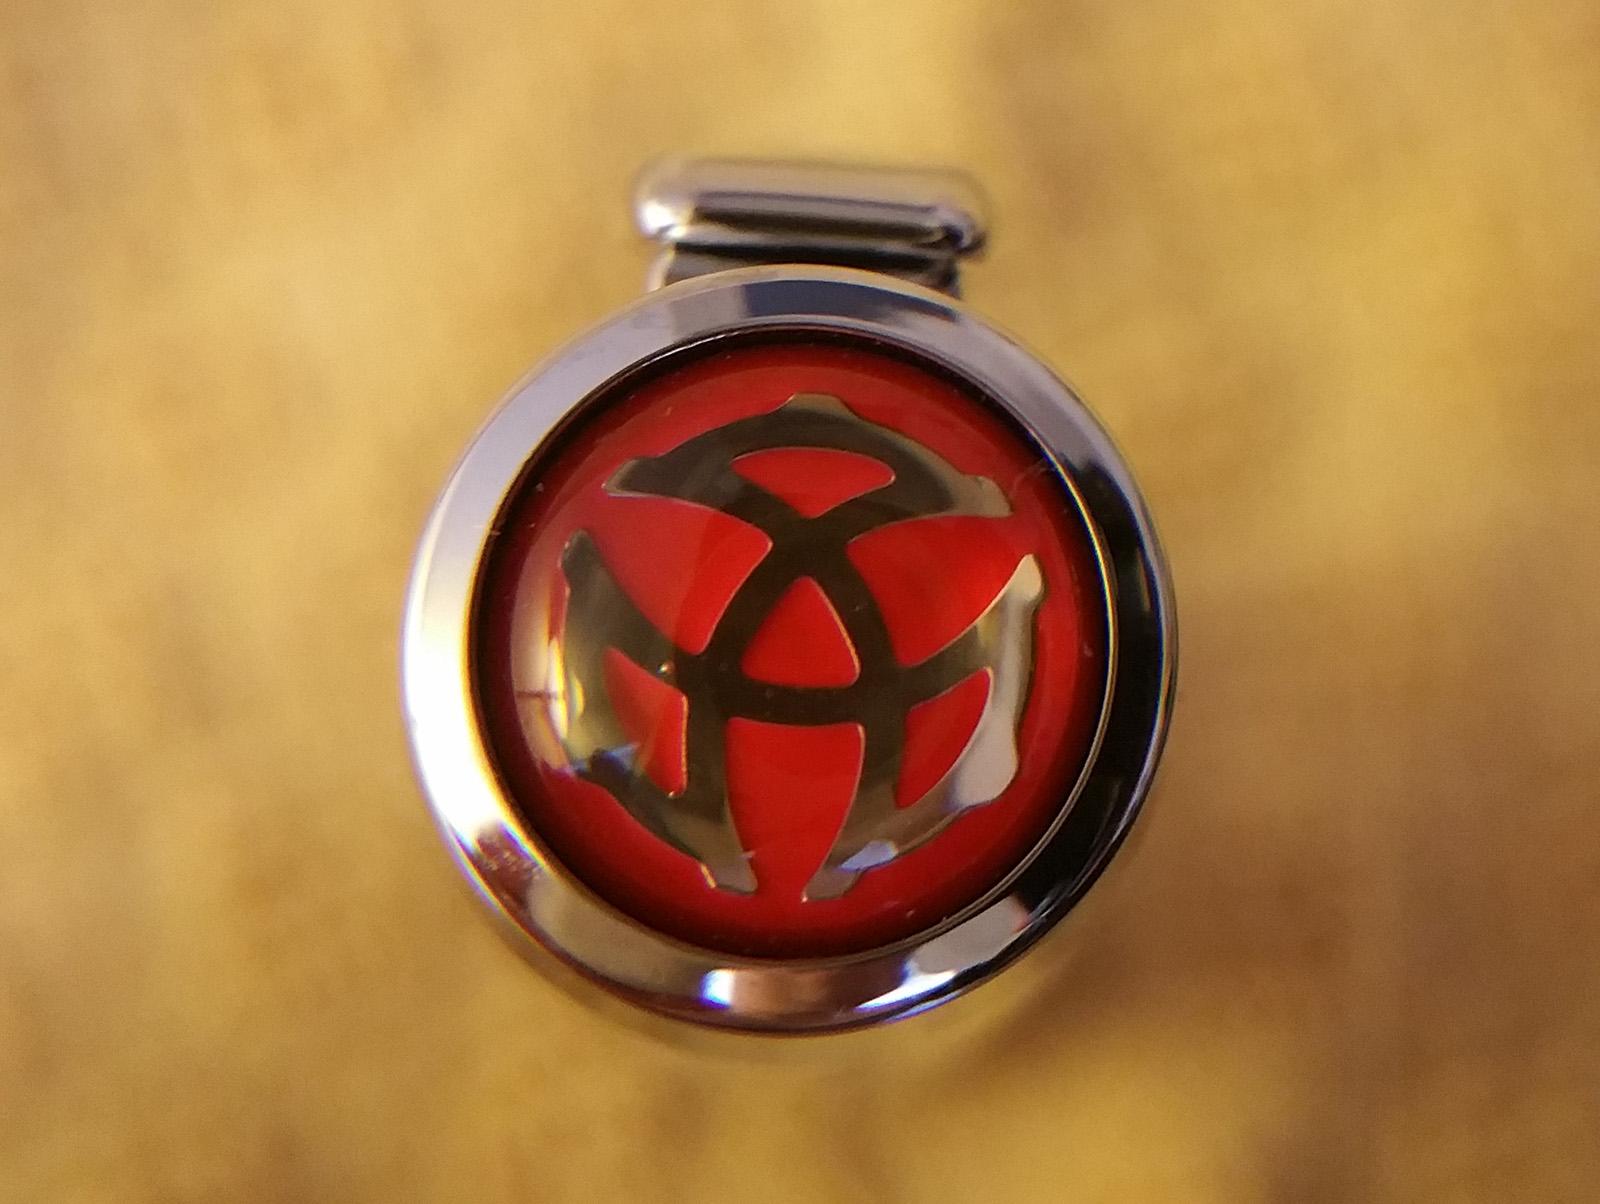 TWSBI Diamond 580AL Fountain Pen finial showing a silver TWSBI logo on a red background